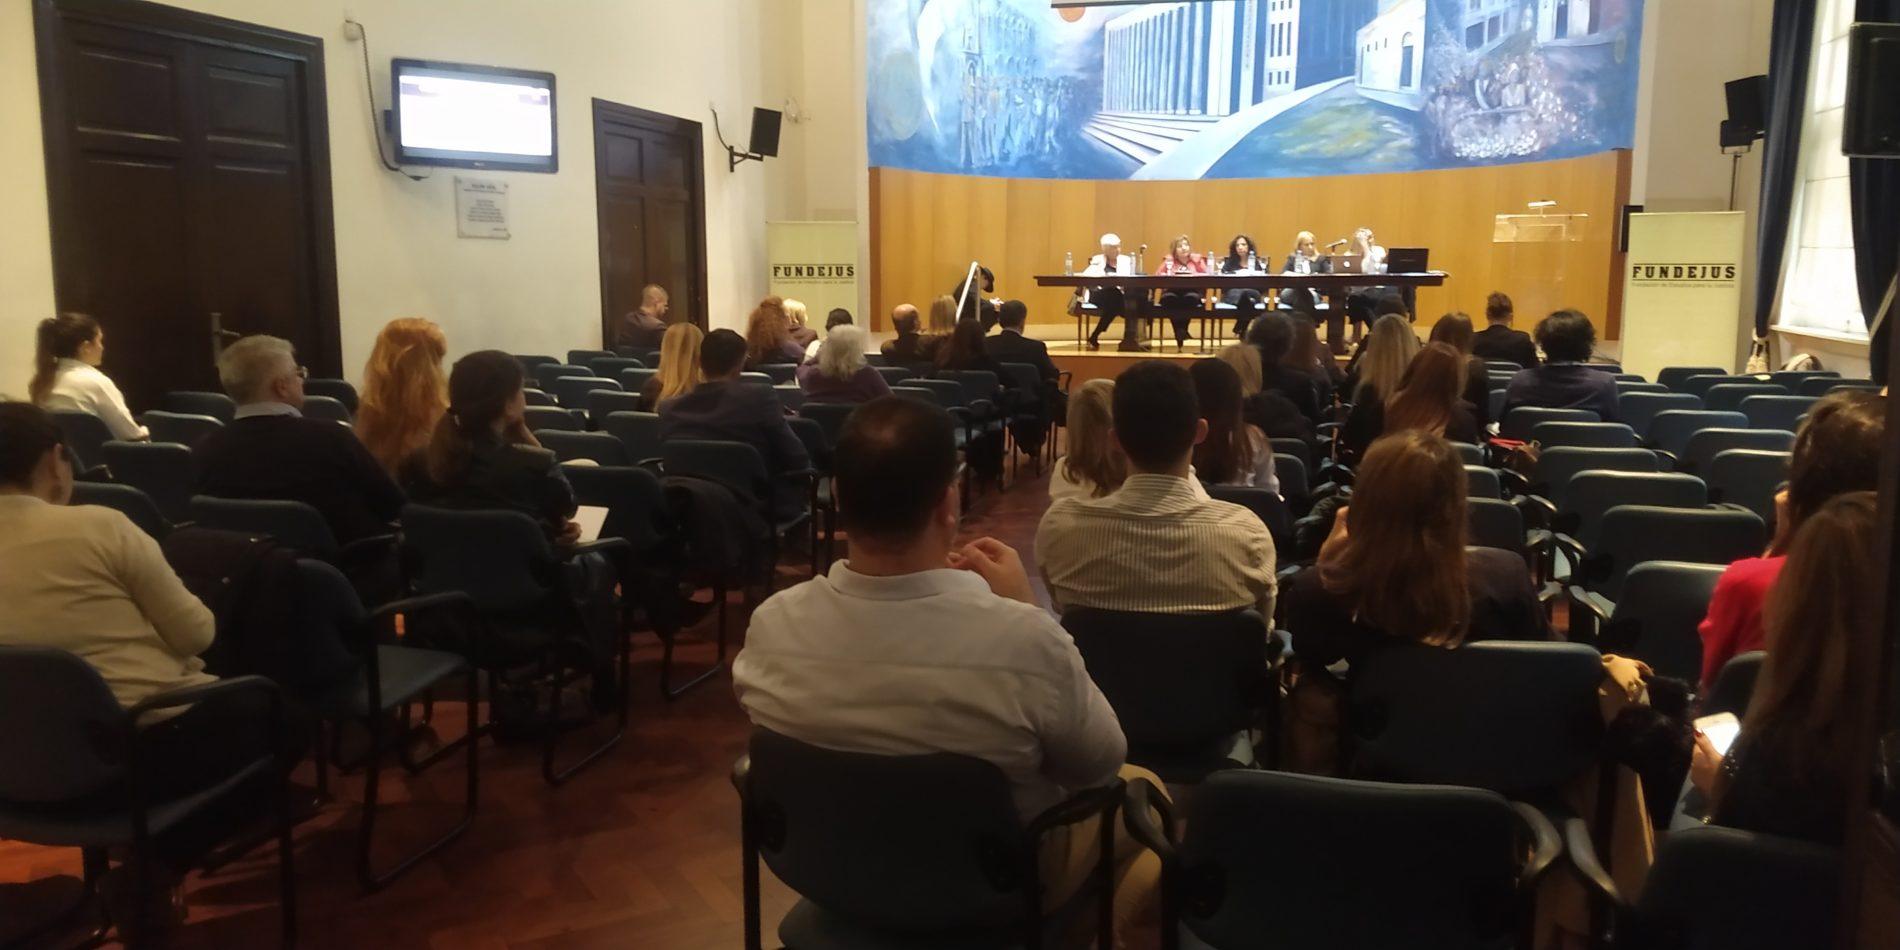 Ciclo de Conferencias de Miembros de Fundejus: «Género y Justicia»